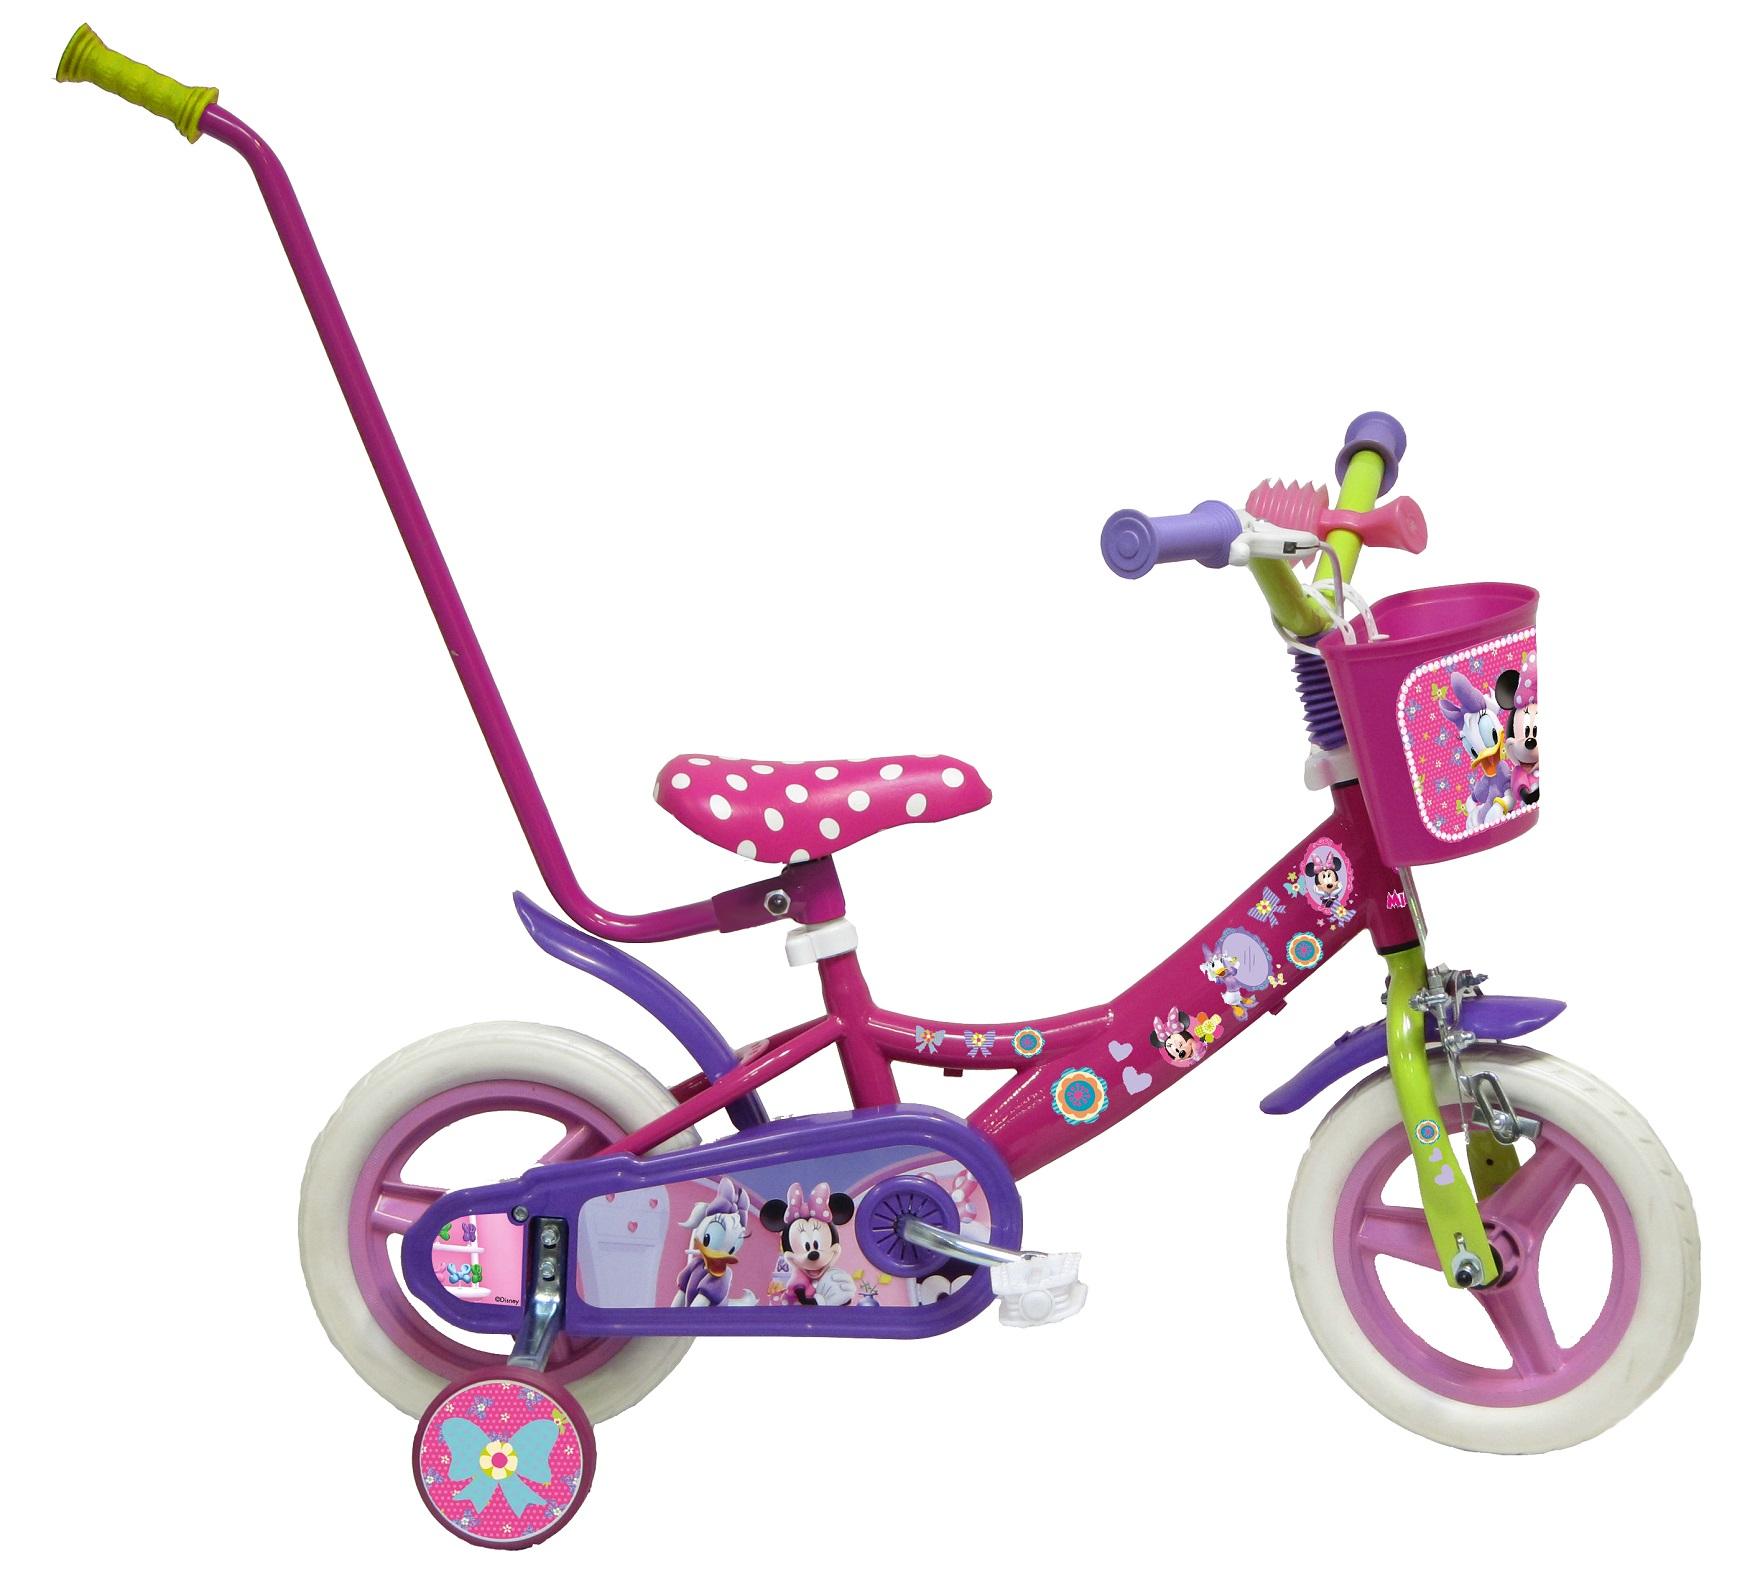 Bicicletta 10 Disney Minnie Con Canna 23 Anni